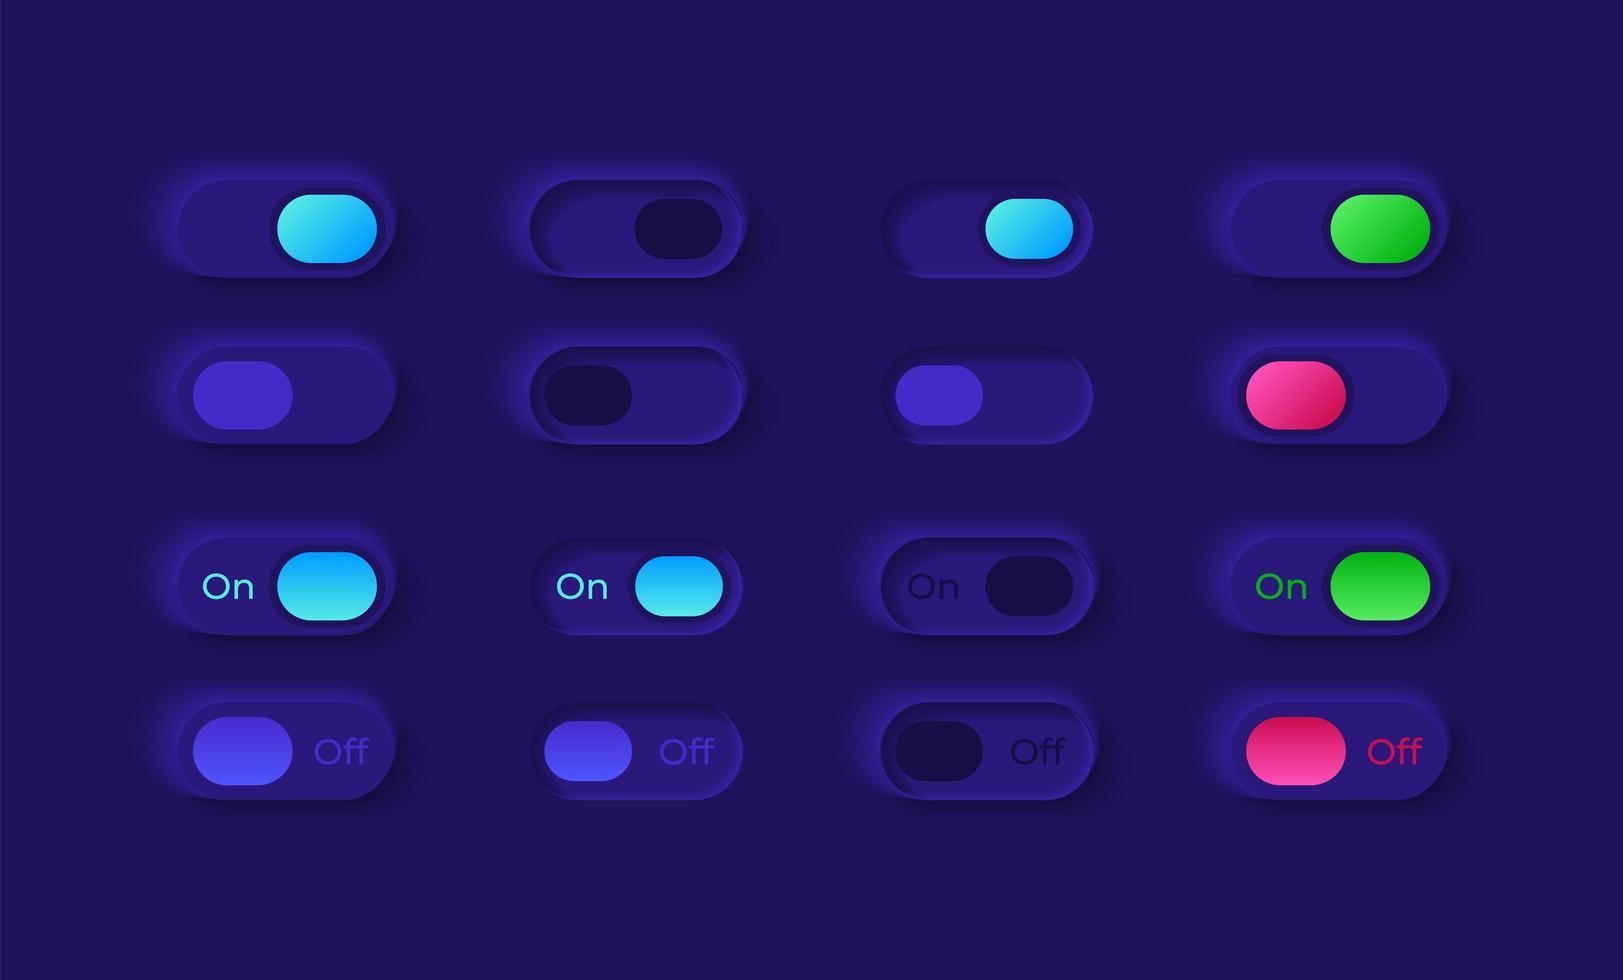 kit d'éléments d'interface utilisateur sous et hors tension vecteur